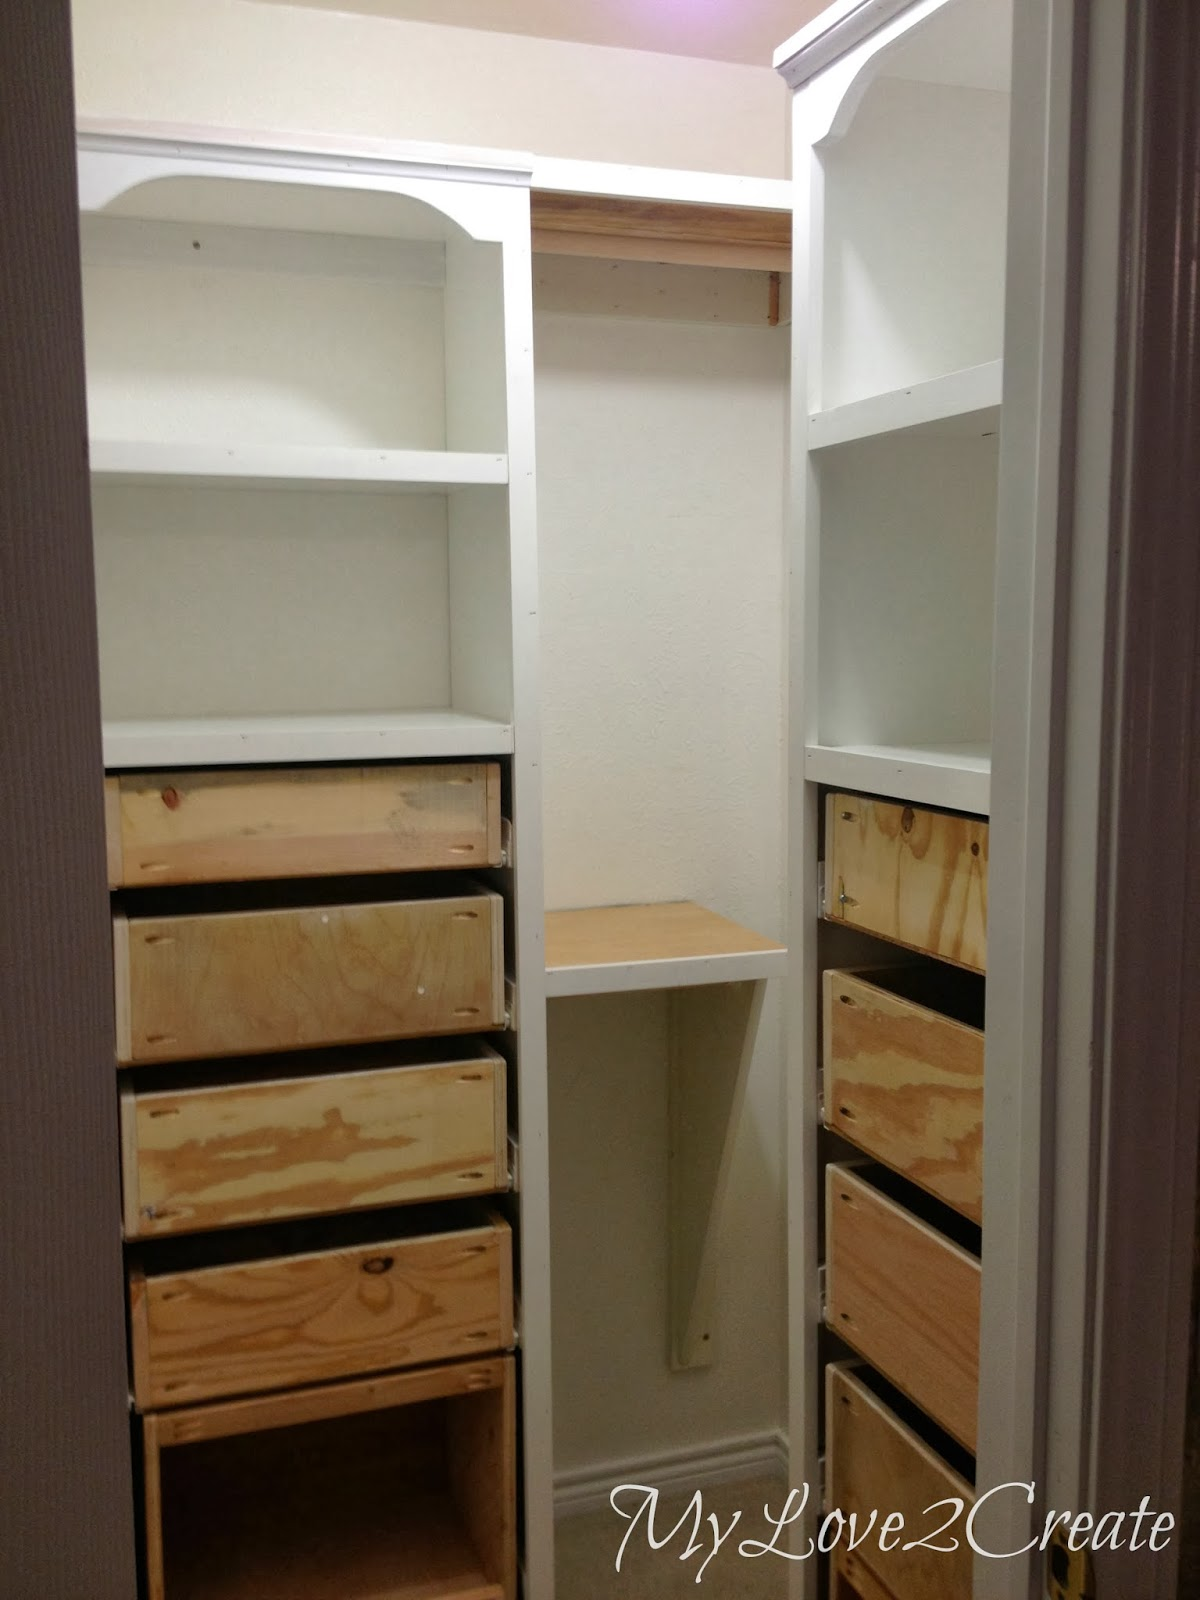 Master Closet Makeover Trim Shelves And Rods My Love 2